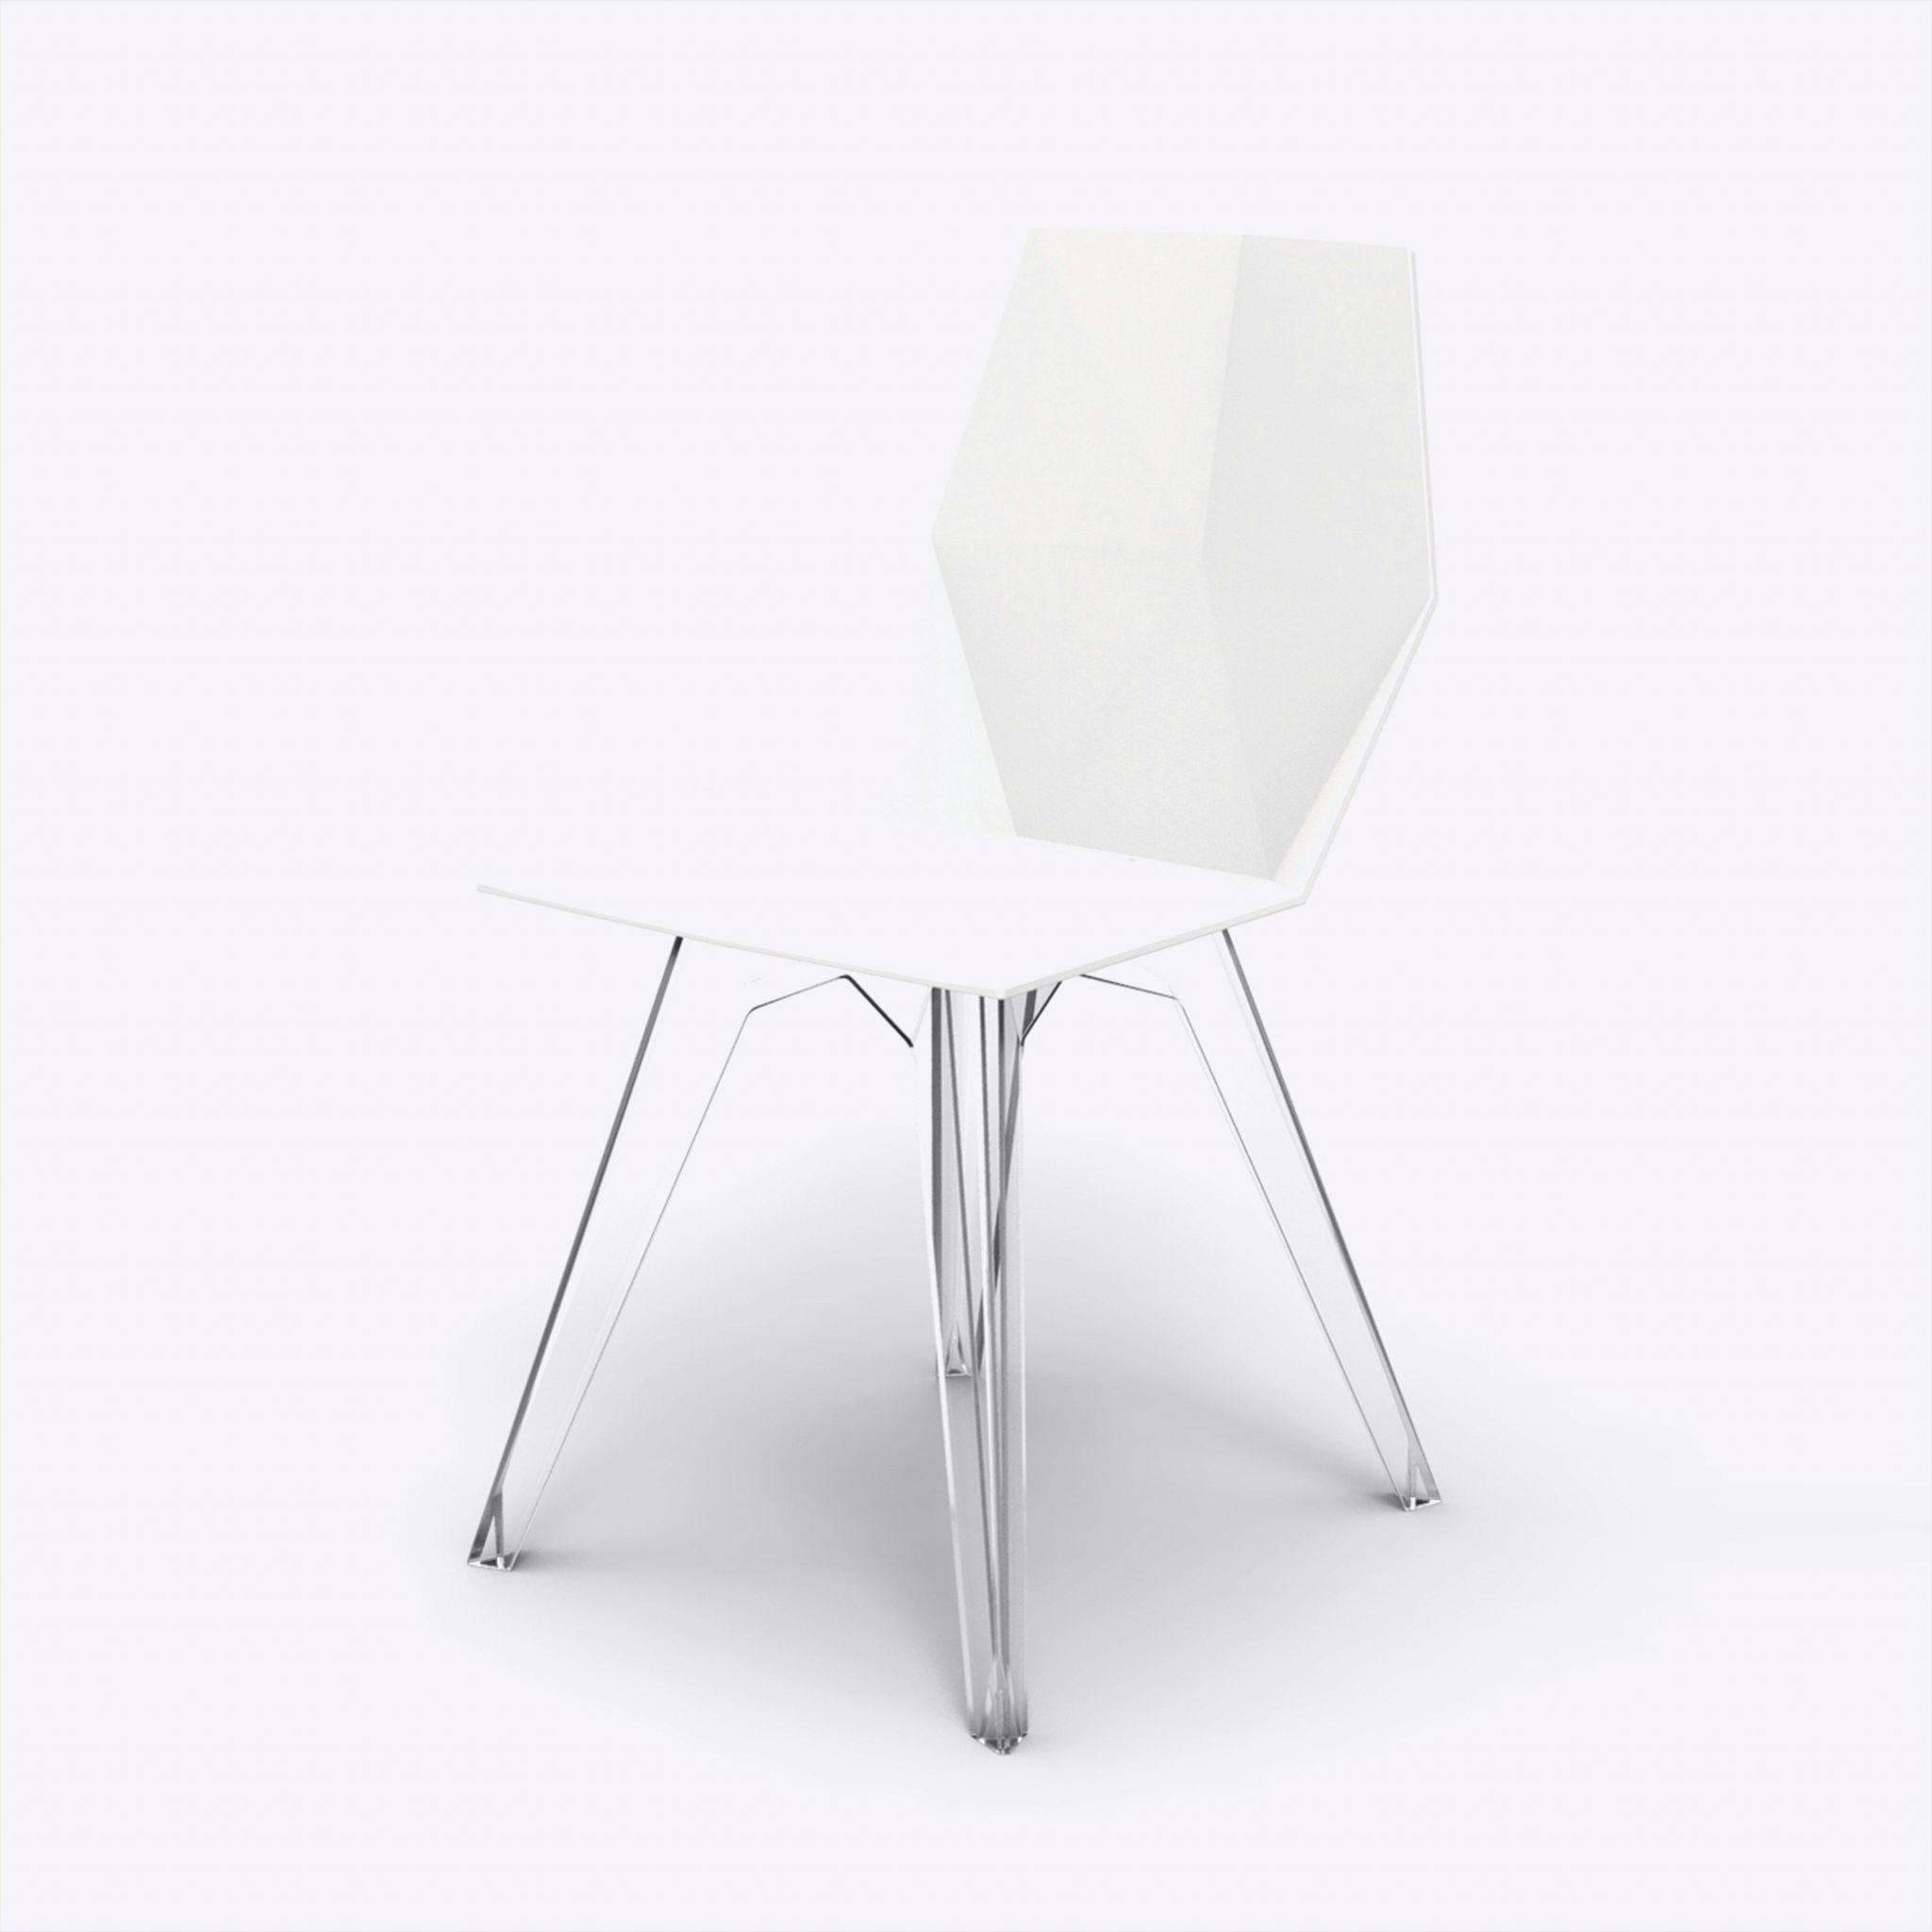 chaise longue jardin bois elegant exceptionnel cuisine bistrot de chaise longue jardin bois